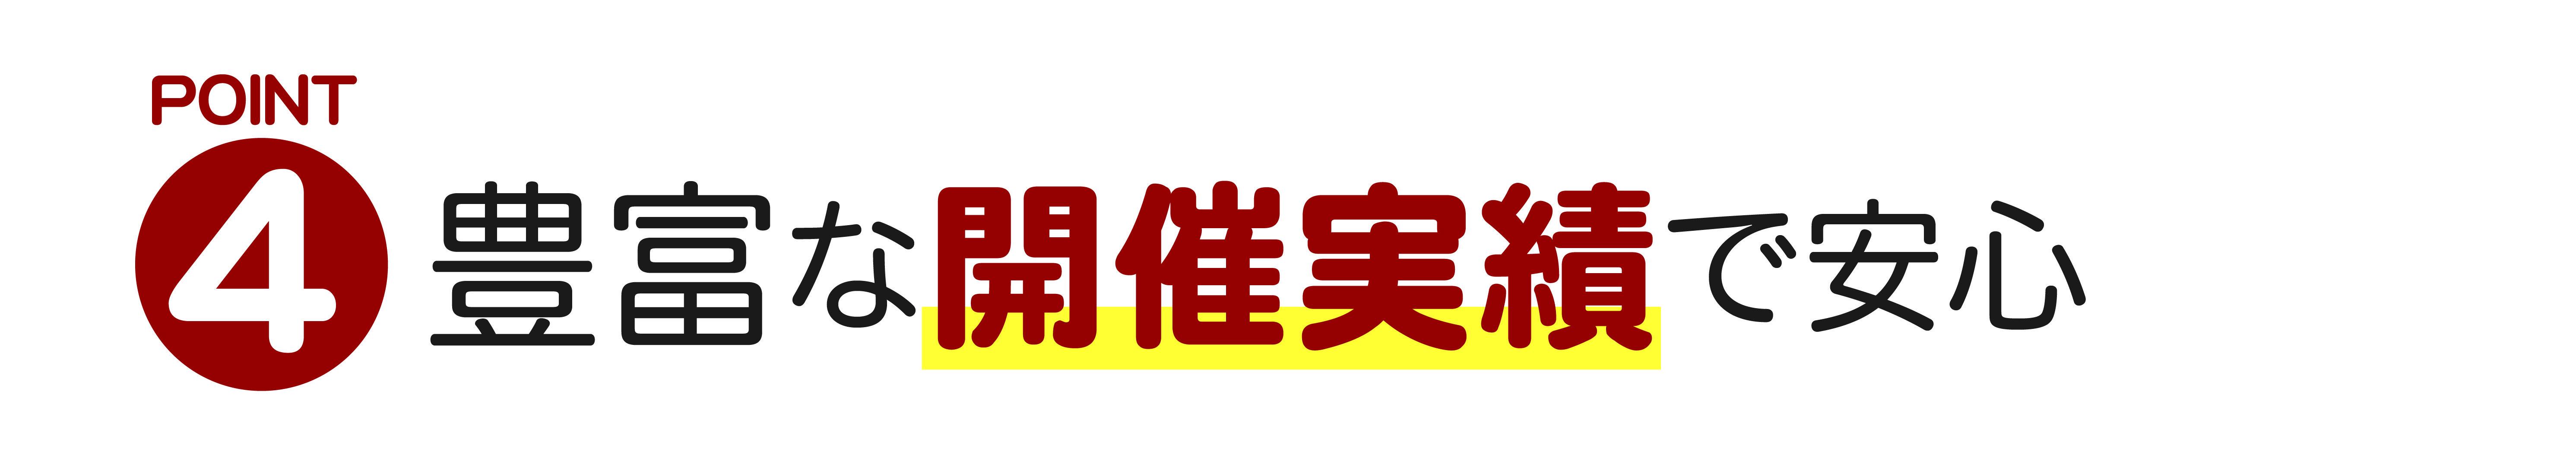 街コン広告-2-04